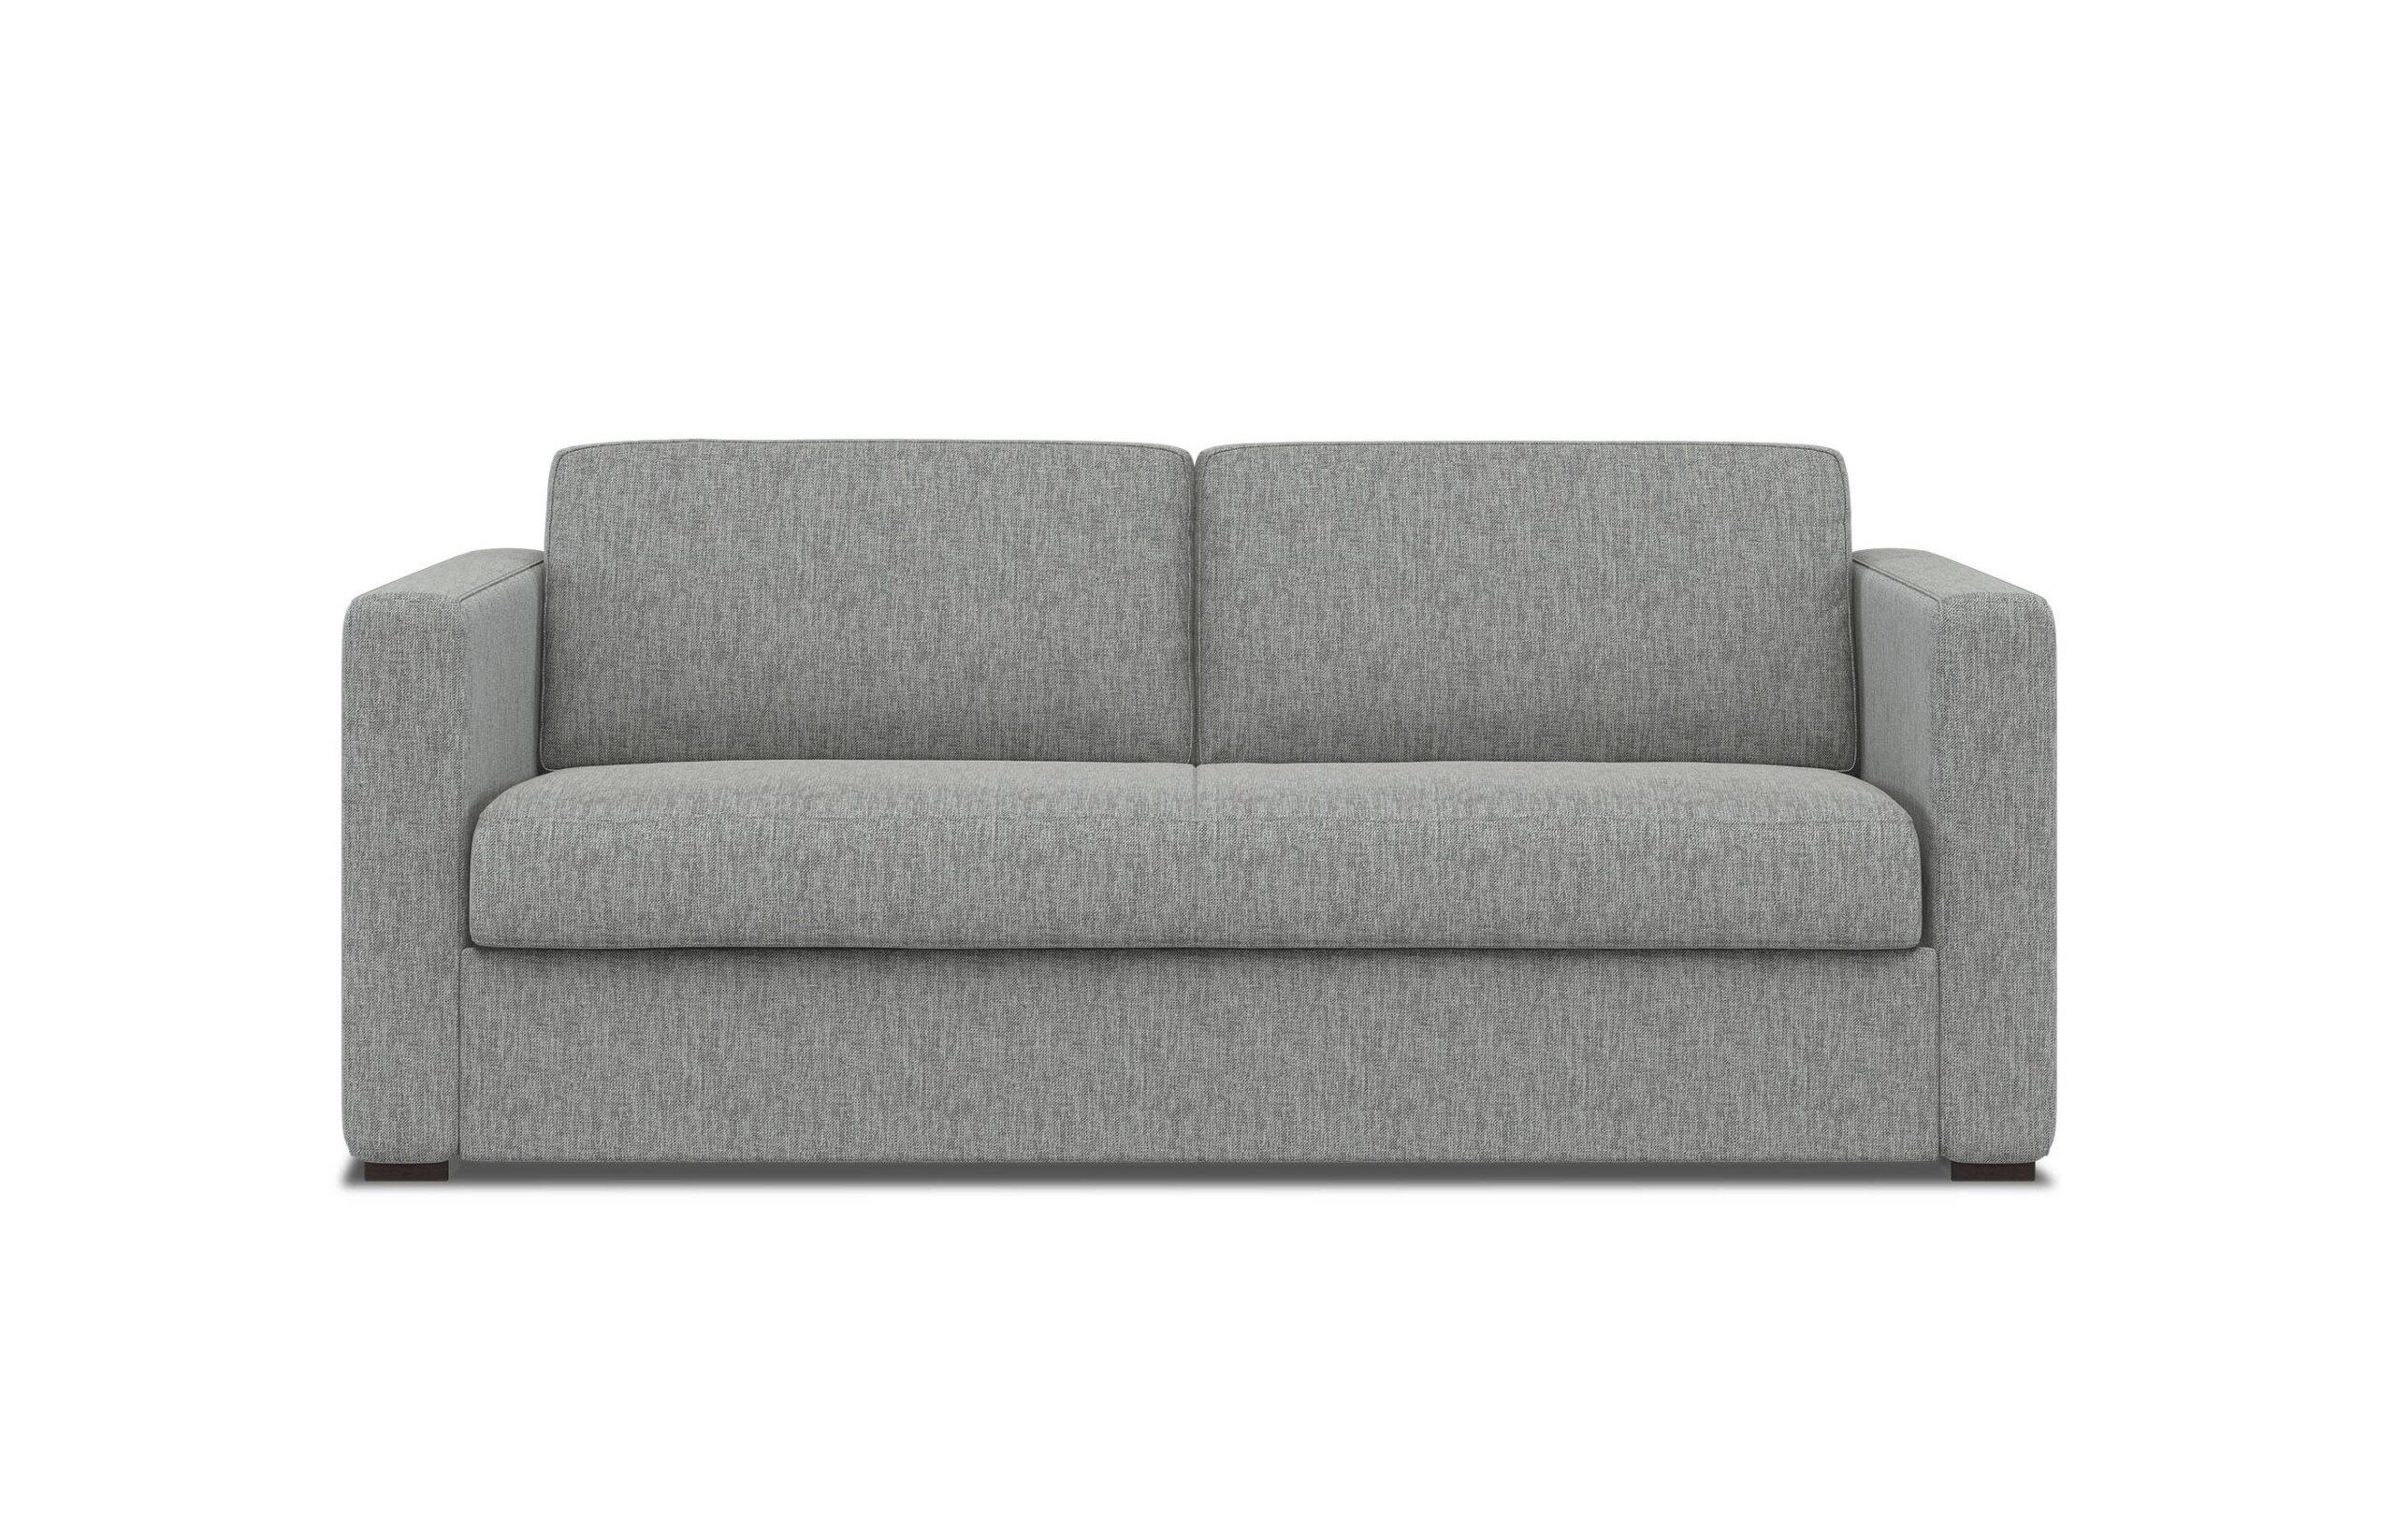 Full Size of Sofa Grau Stoff Gebraucht Ikea 3er Chesterfield Couch Reinigen Schlafsofa Gastfreund Sitzfeldtcom Terassen Rund Polster Hersteller Reiniger Graues Muuto Kaufen Sofa Sofa Grau Stoff